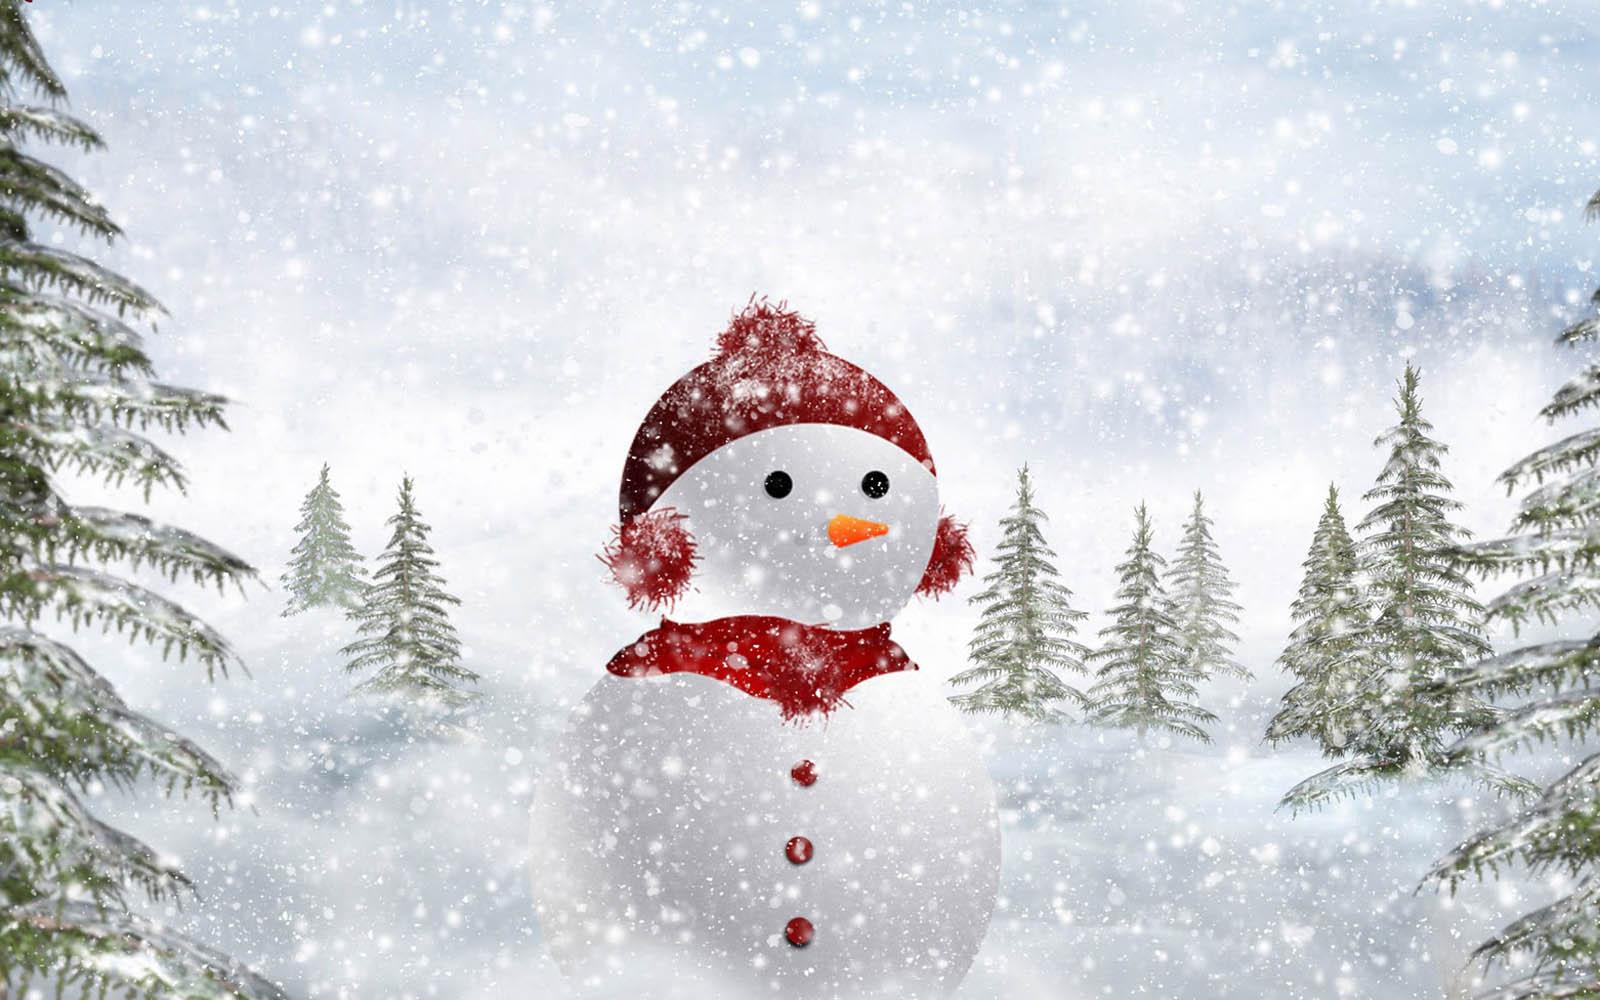 Falling Snow Wallpaper Widescreen 21 Hd Snowman Wallpapers